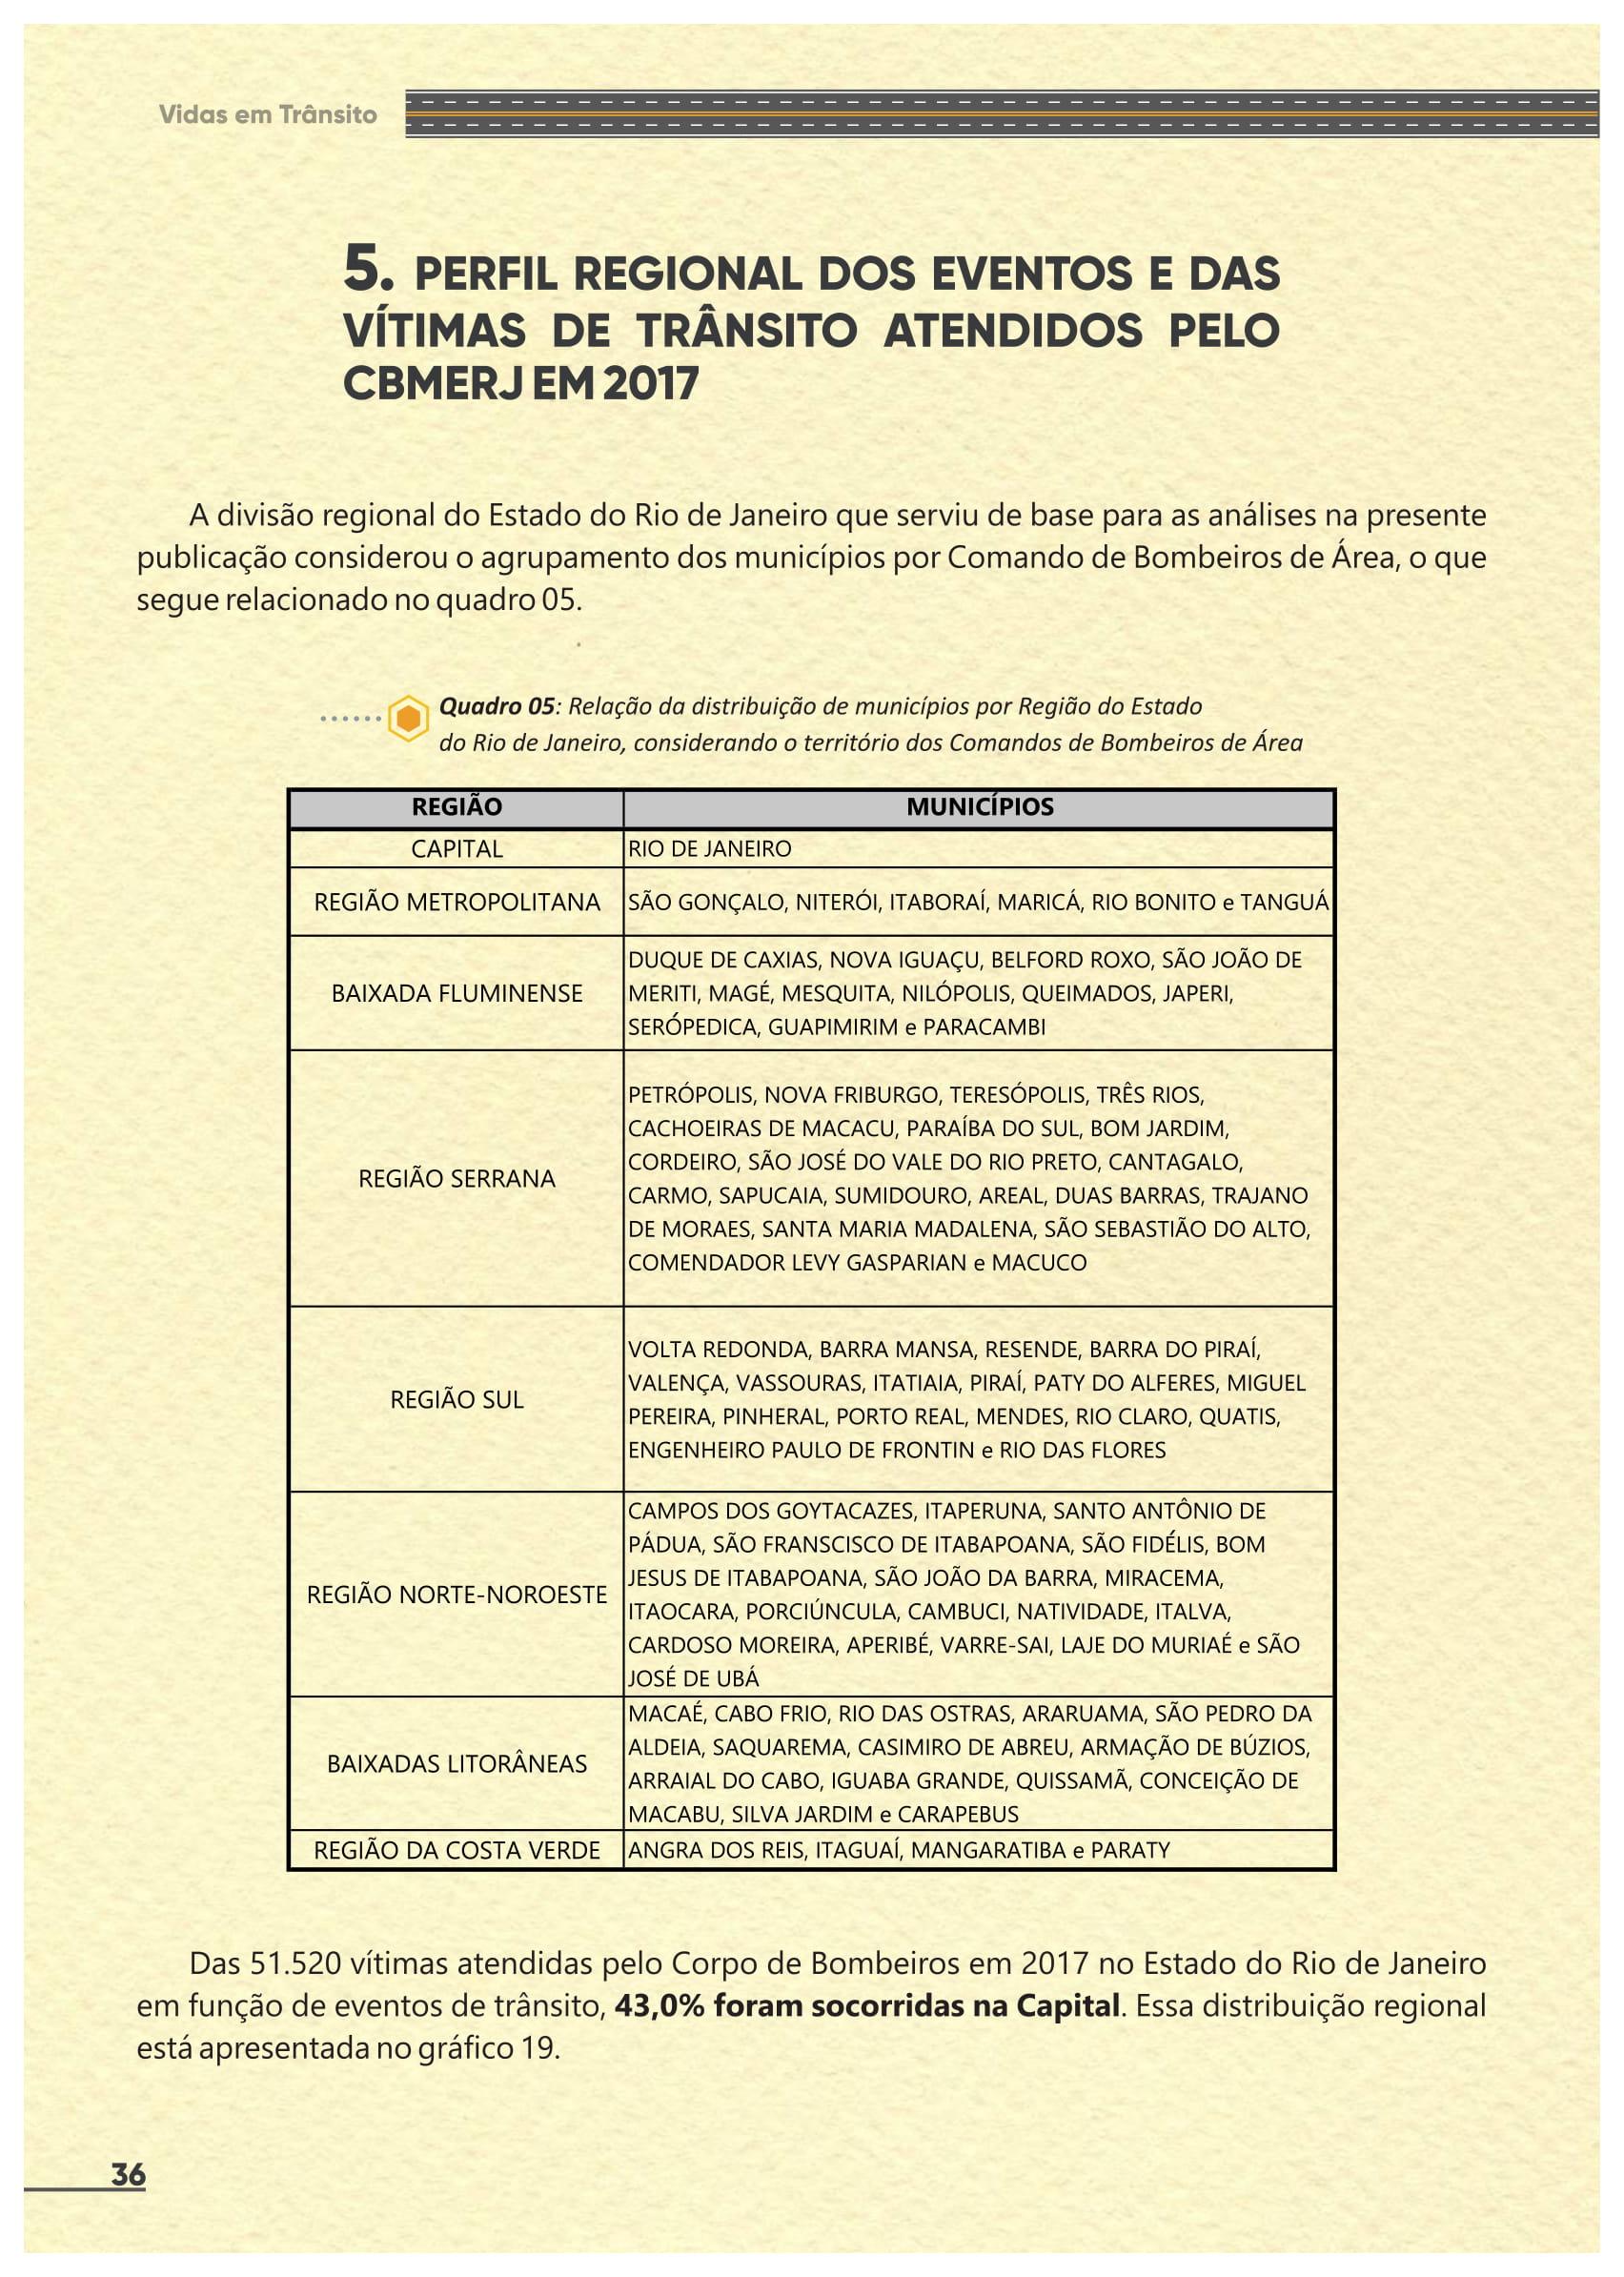 VIDAS_EM_TRANSITO_2017_2018-36